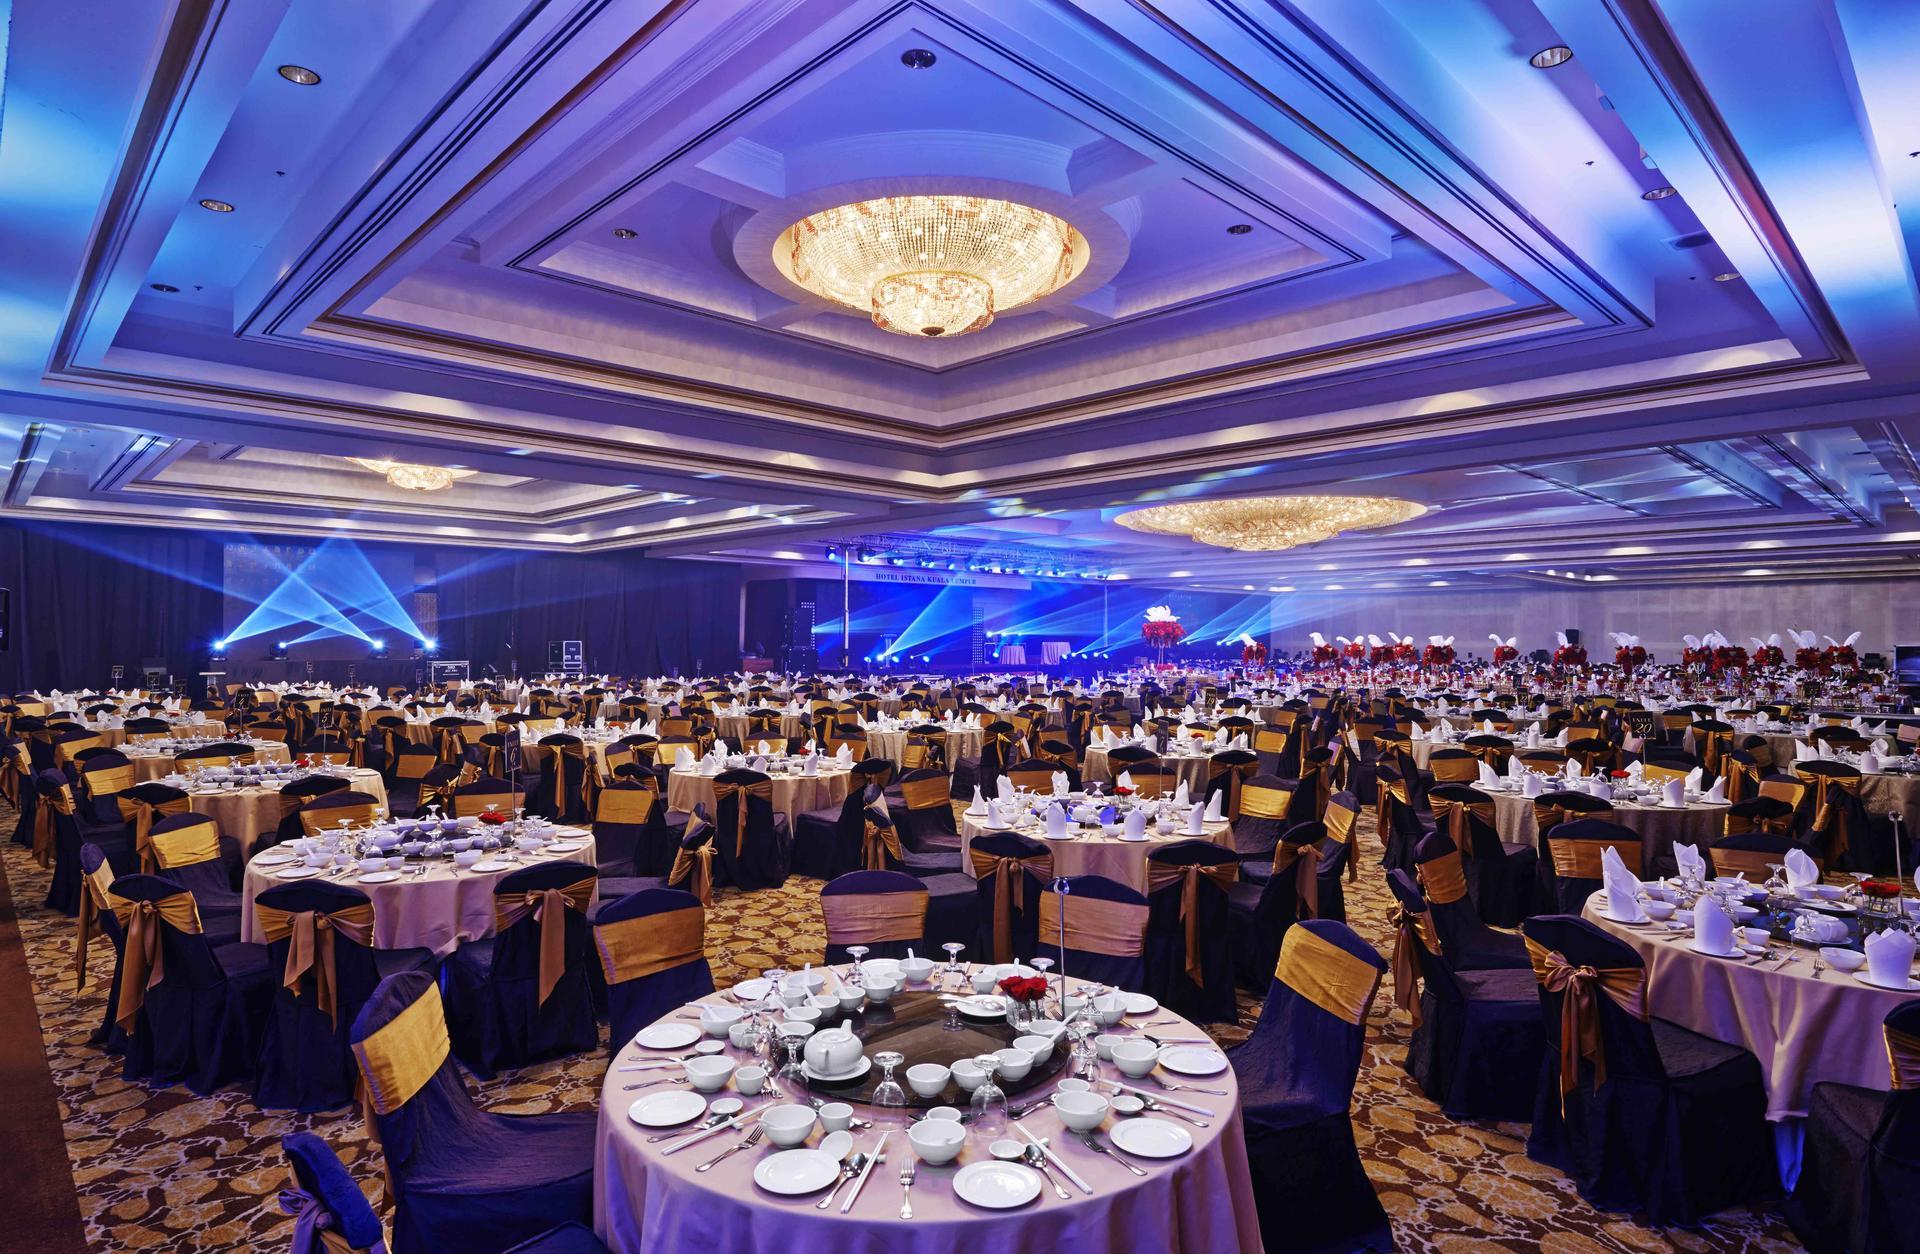 Round Table Set-Up at Grand Ballroom